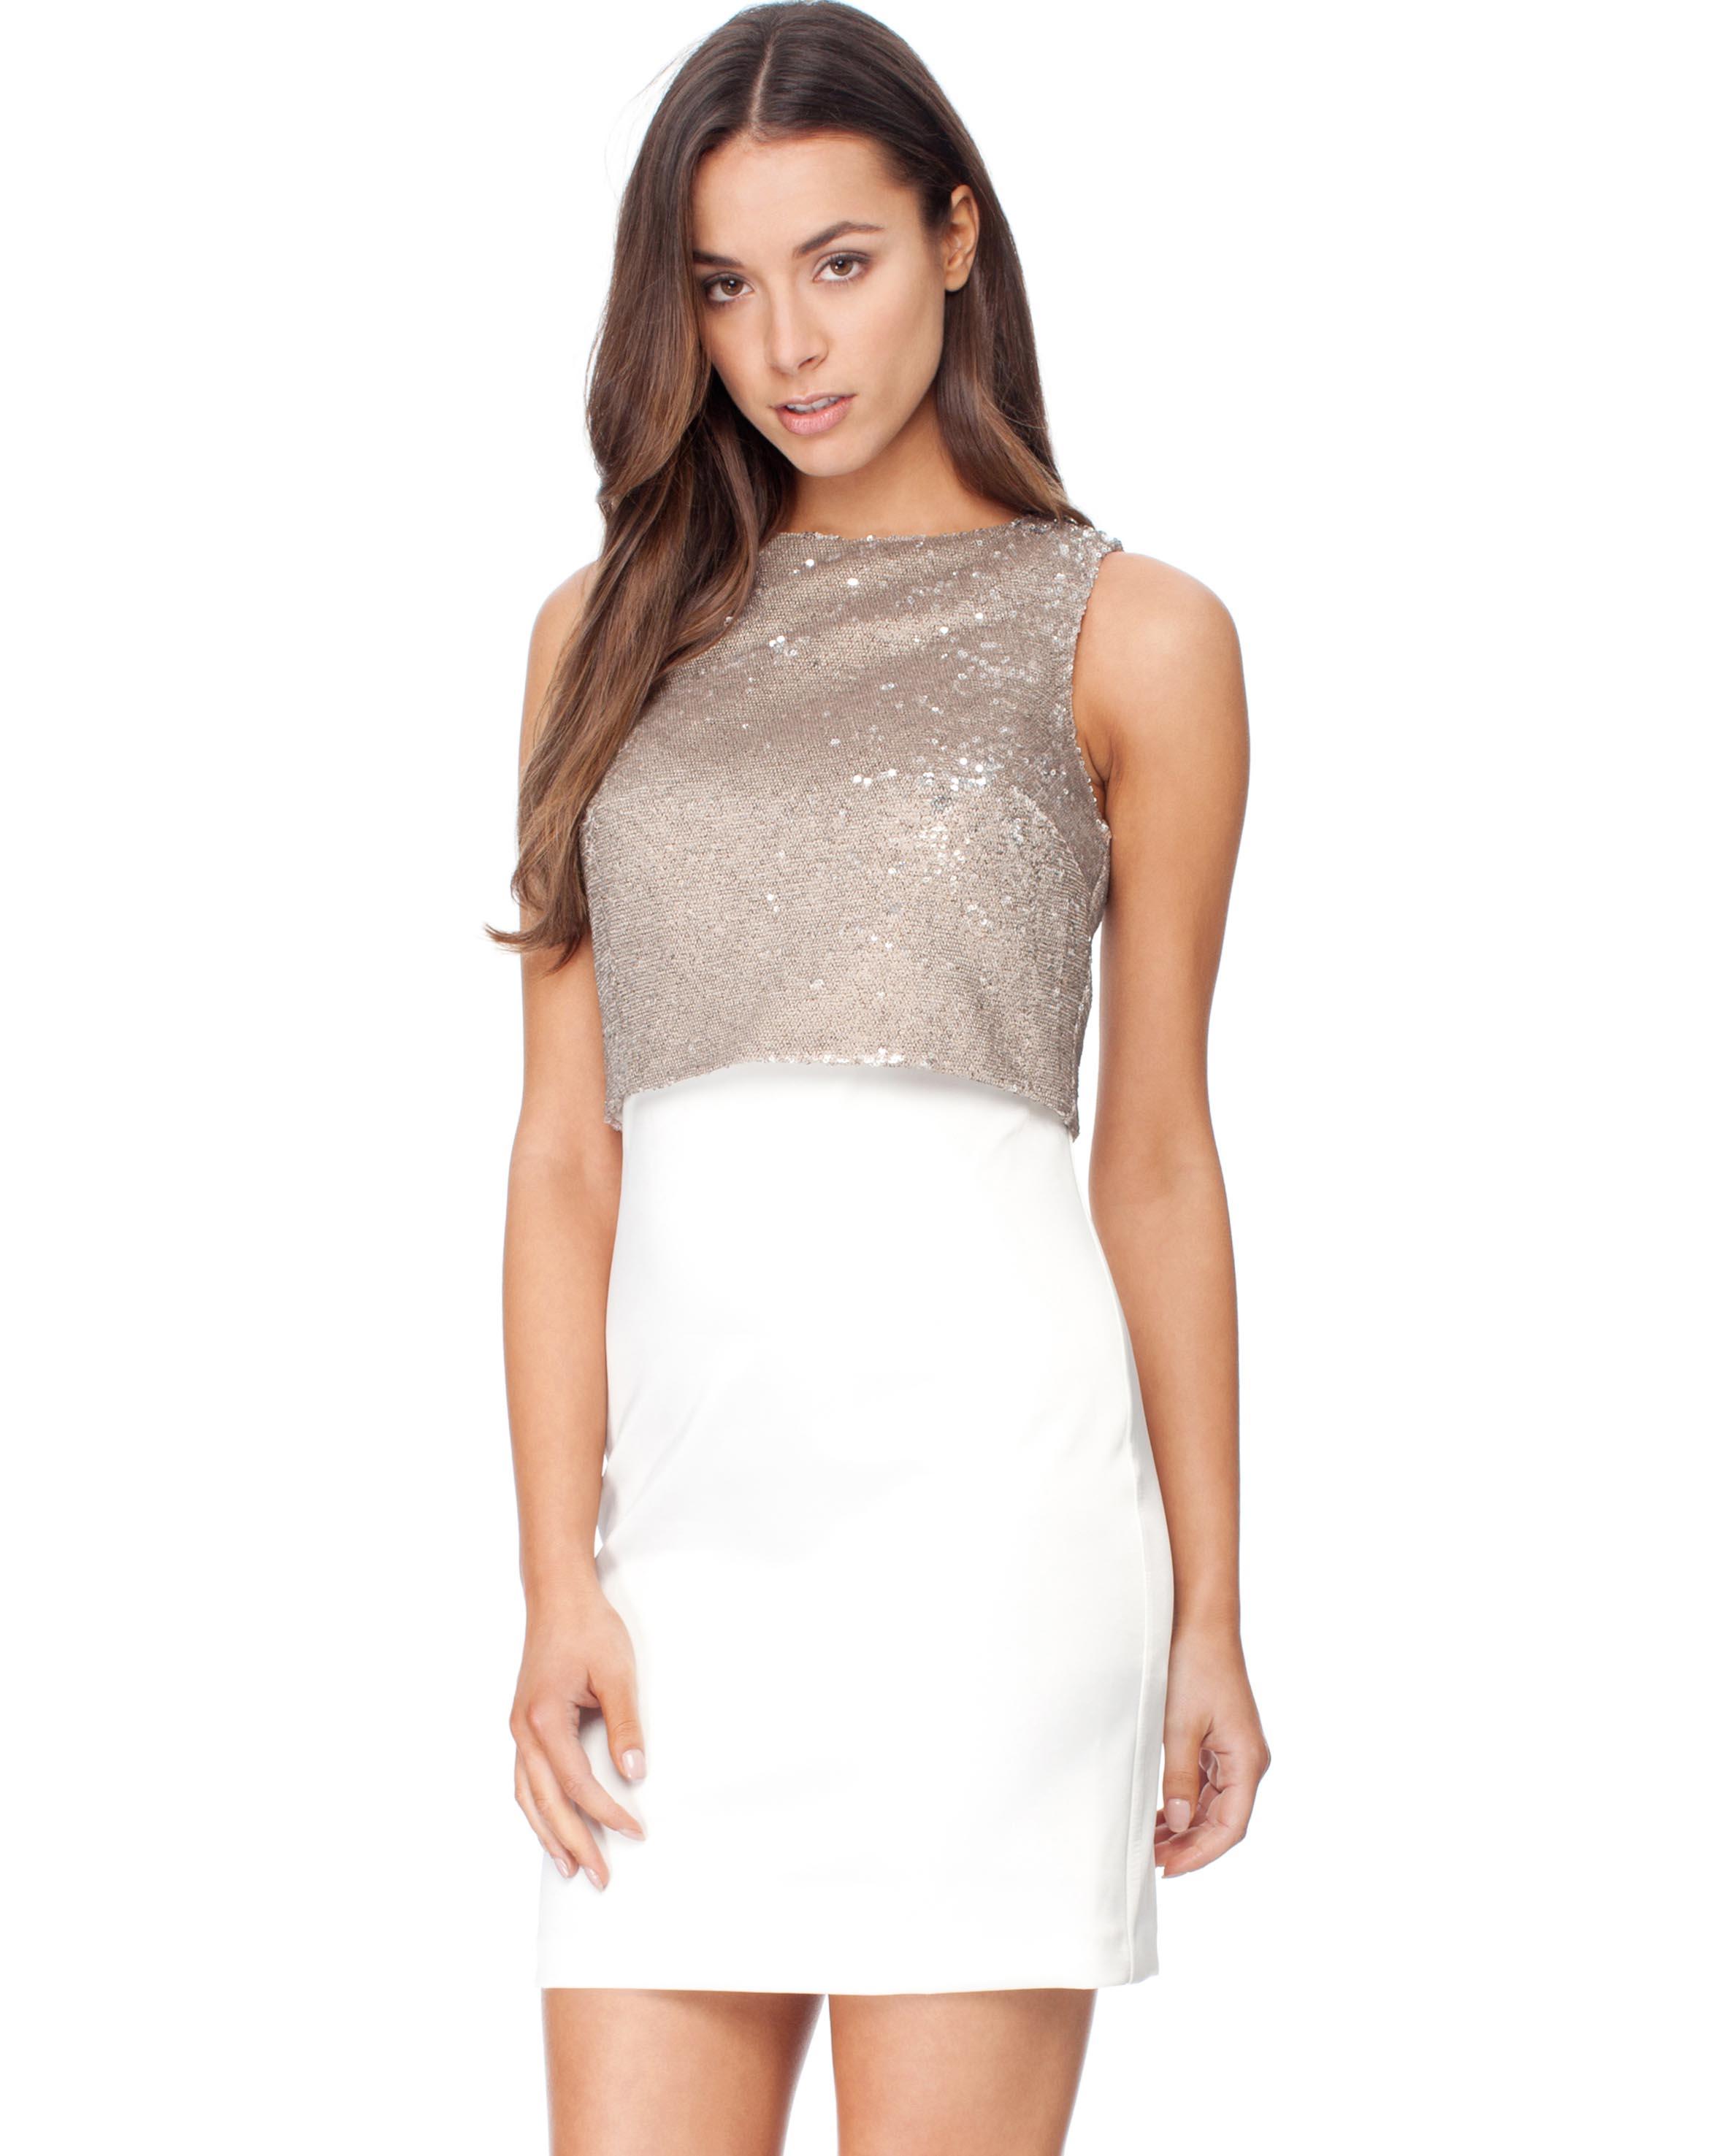 Sequin Dresses Online